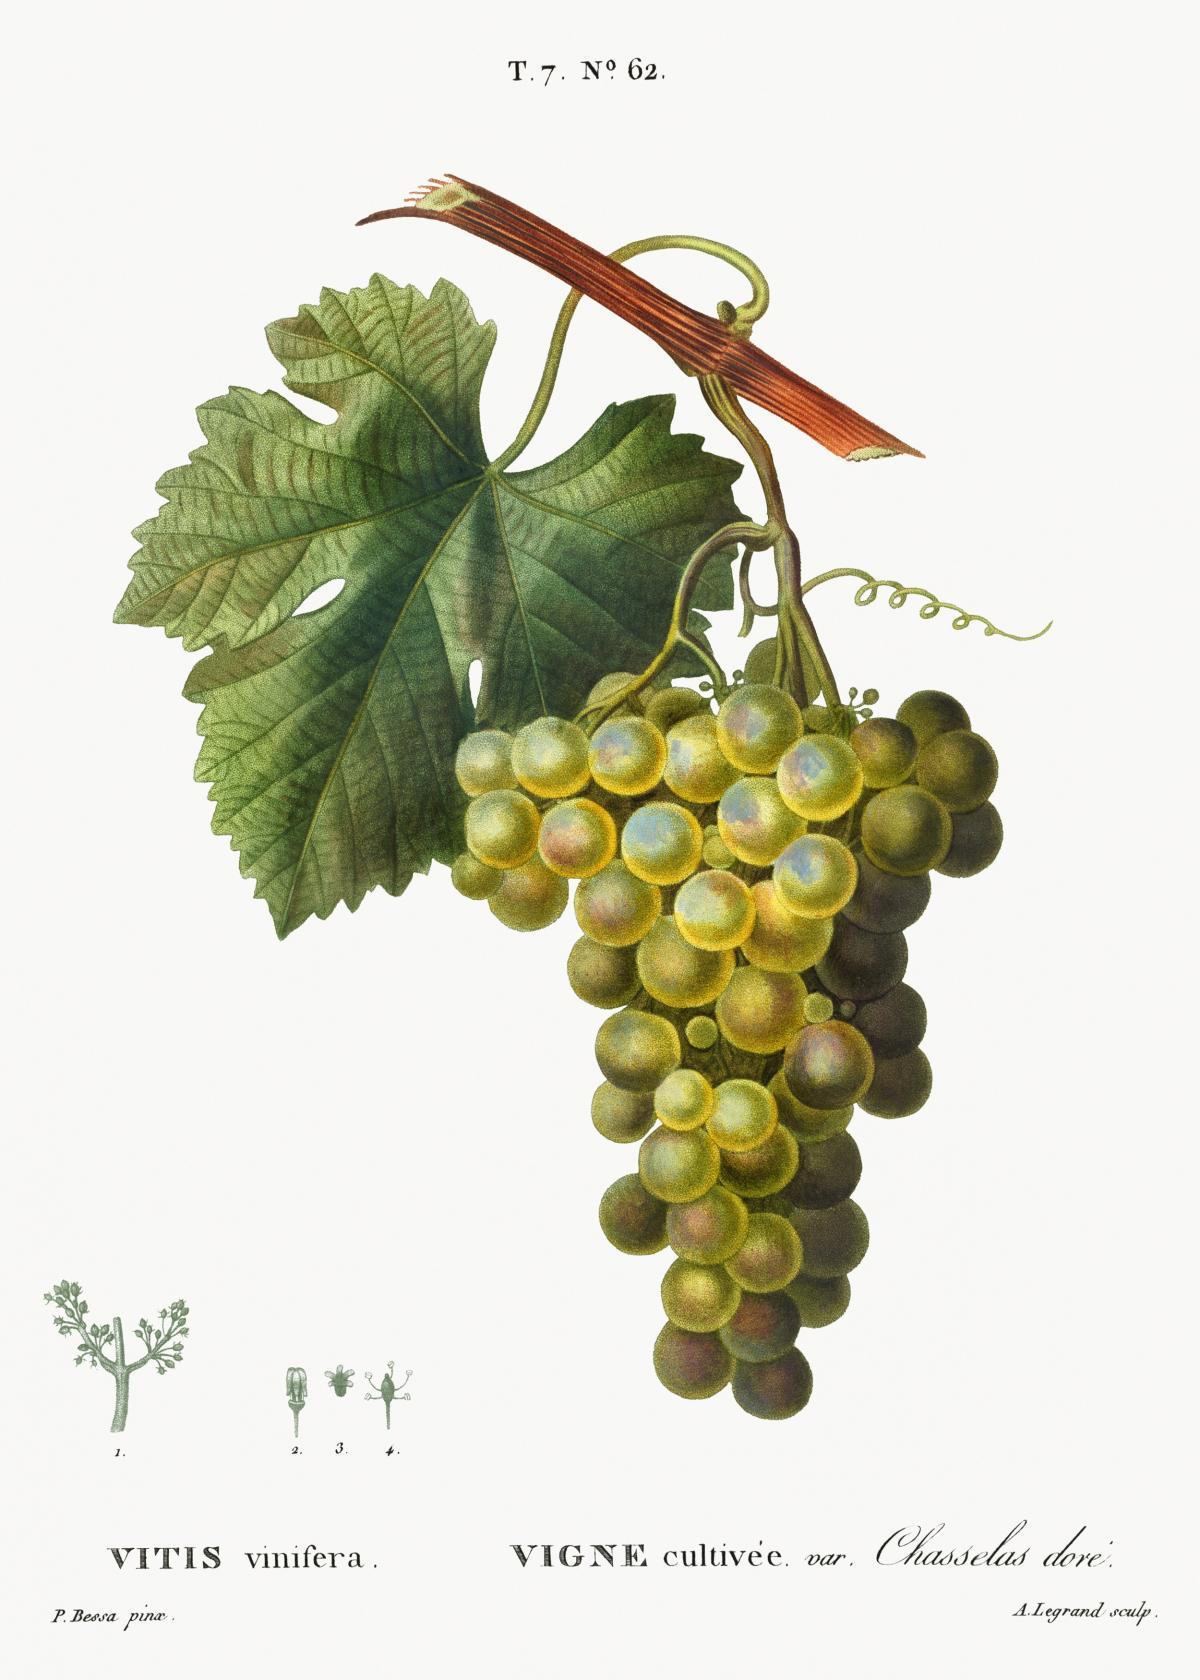 Grape vine, Vitis vinifera from Traité des Arbres et Arbustes que l'on cultive en France en pleine terre (1801–1819) by Pierre-Joseph Redouté. Original from the New York Public Library.